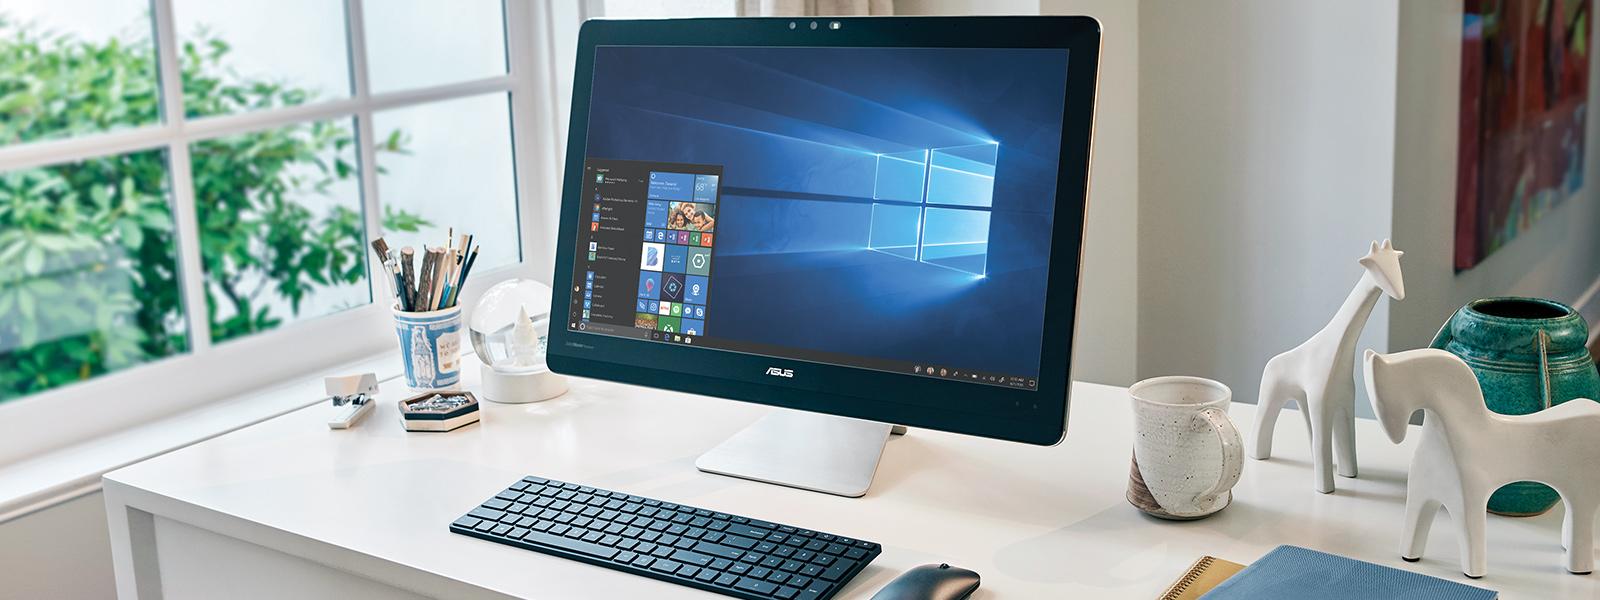 جهاز كمبيوتر مكتبي من ASUS على مكتب مع ماوس لاسلكي ولوحة مفاتيح بجواره